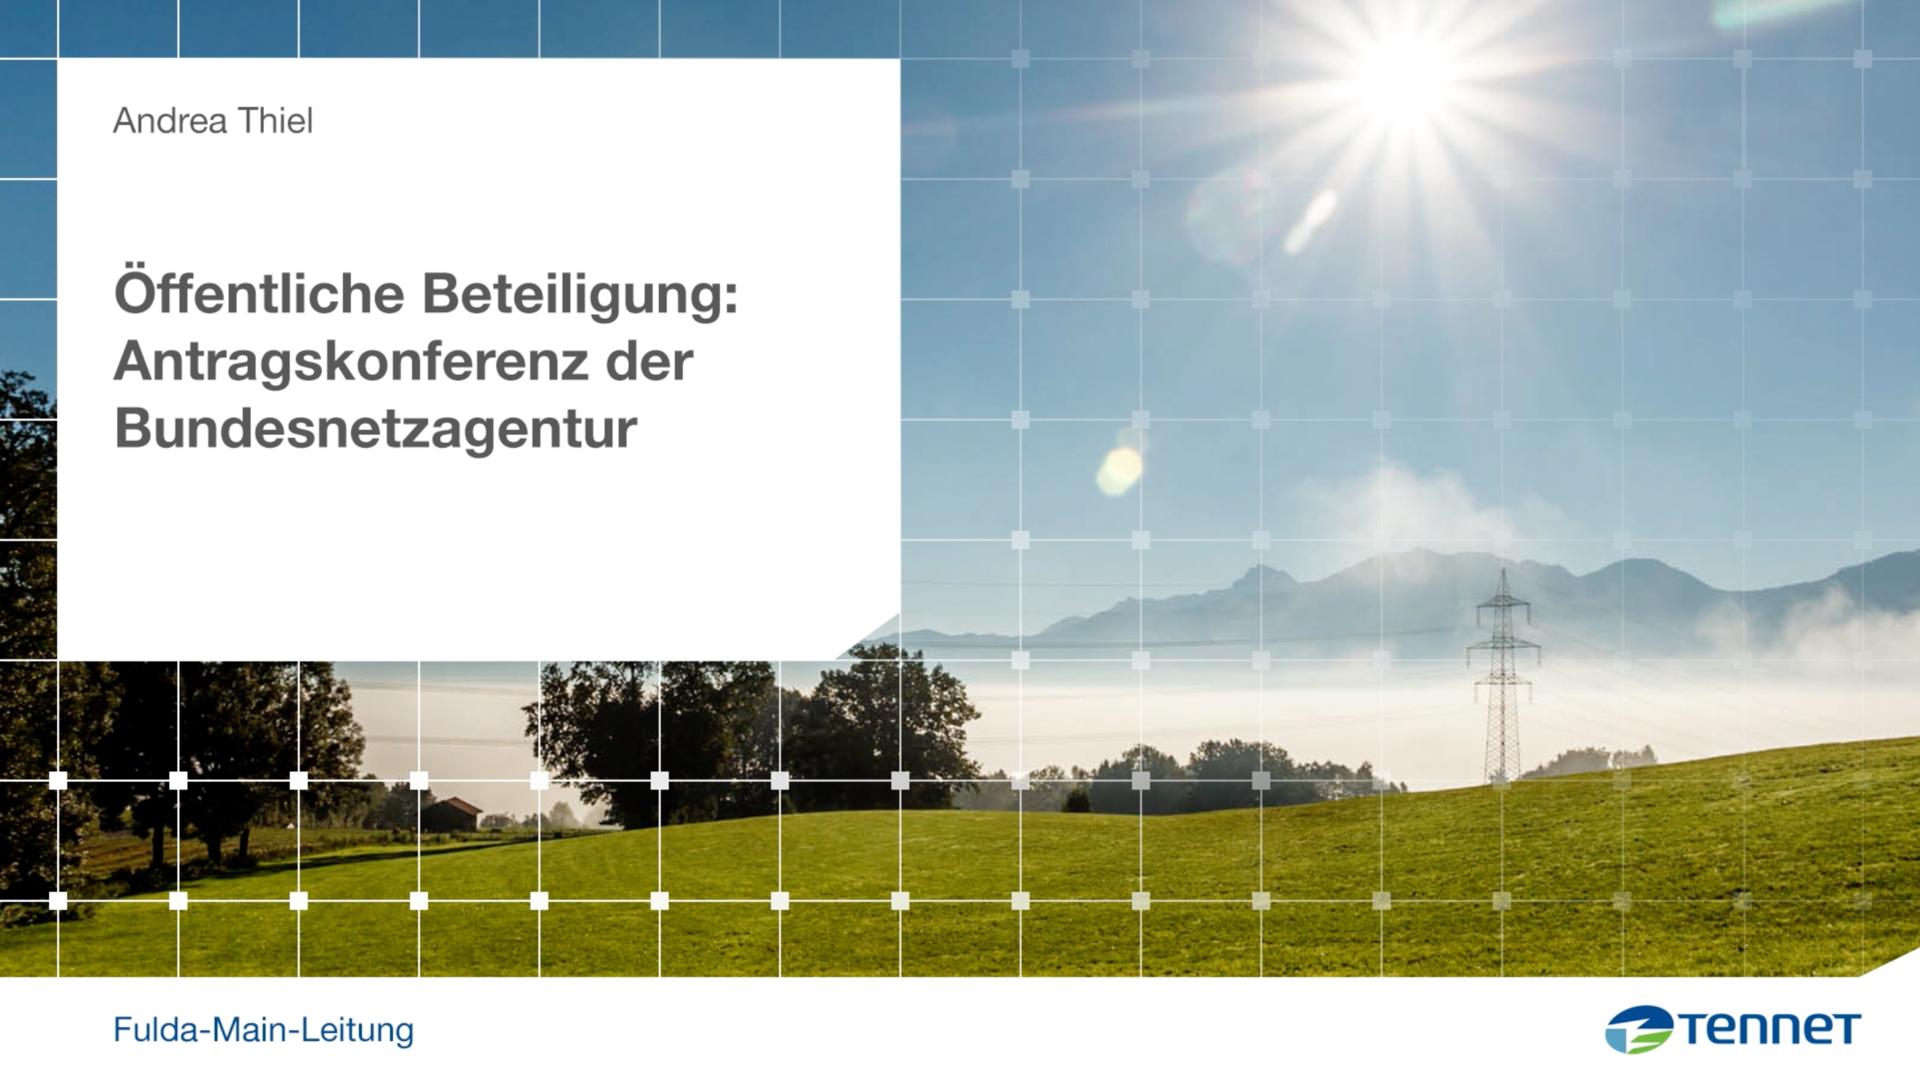 Antragskonferenz der Bundesnetzagentur